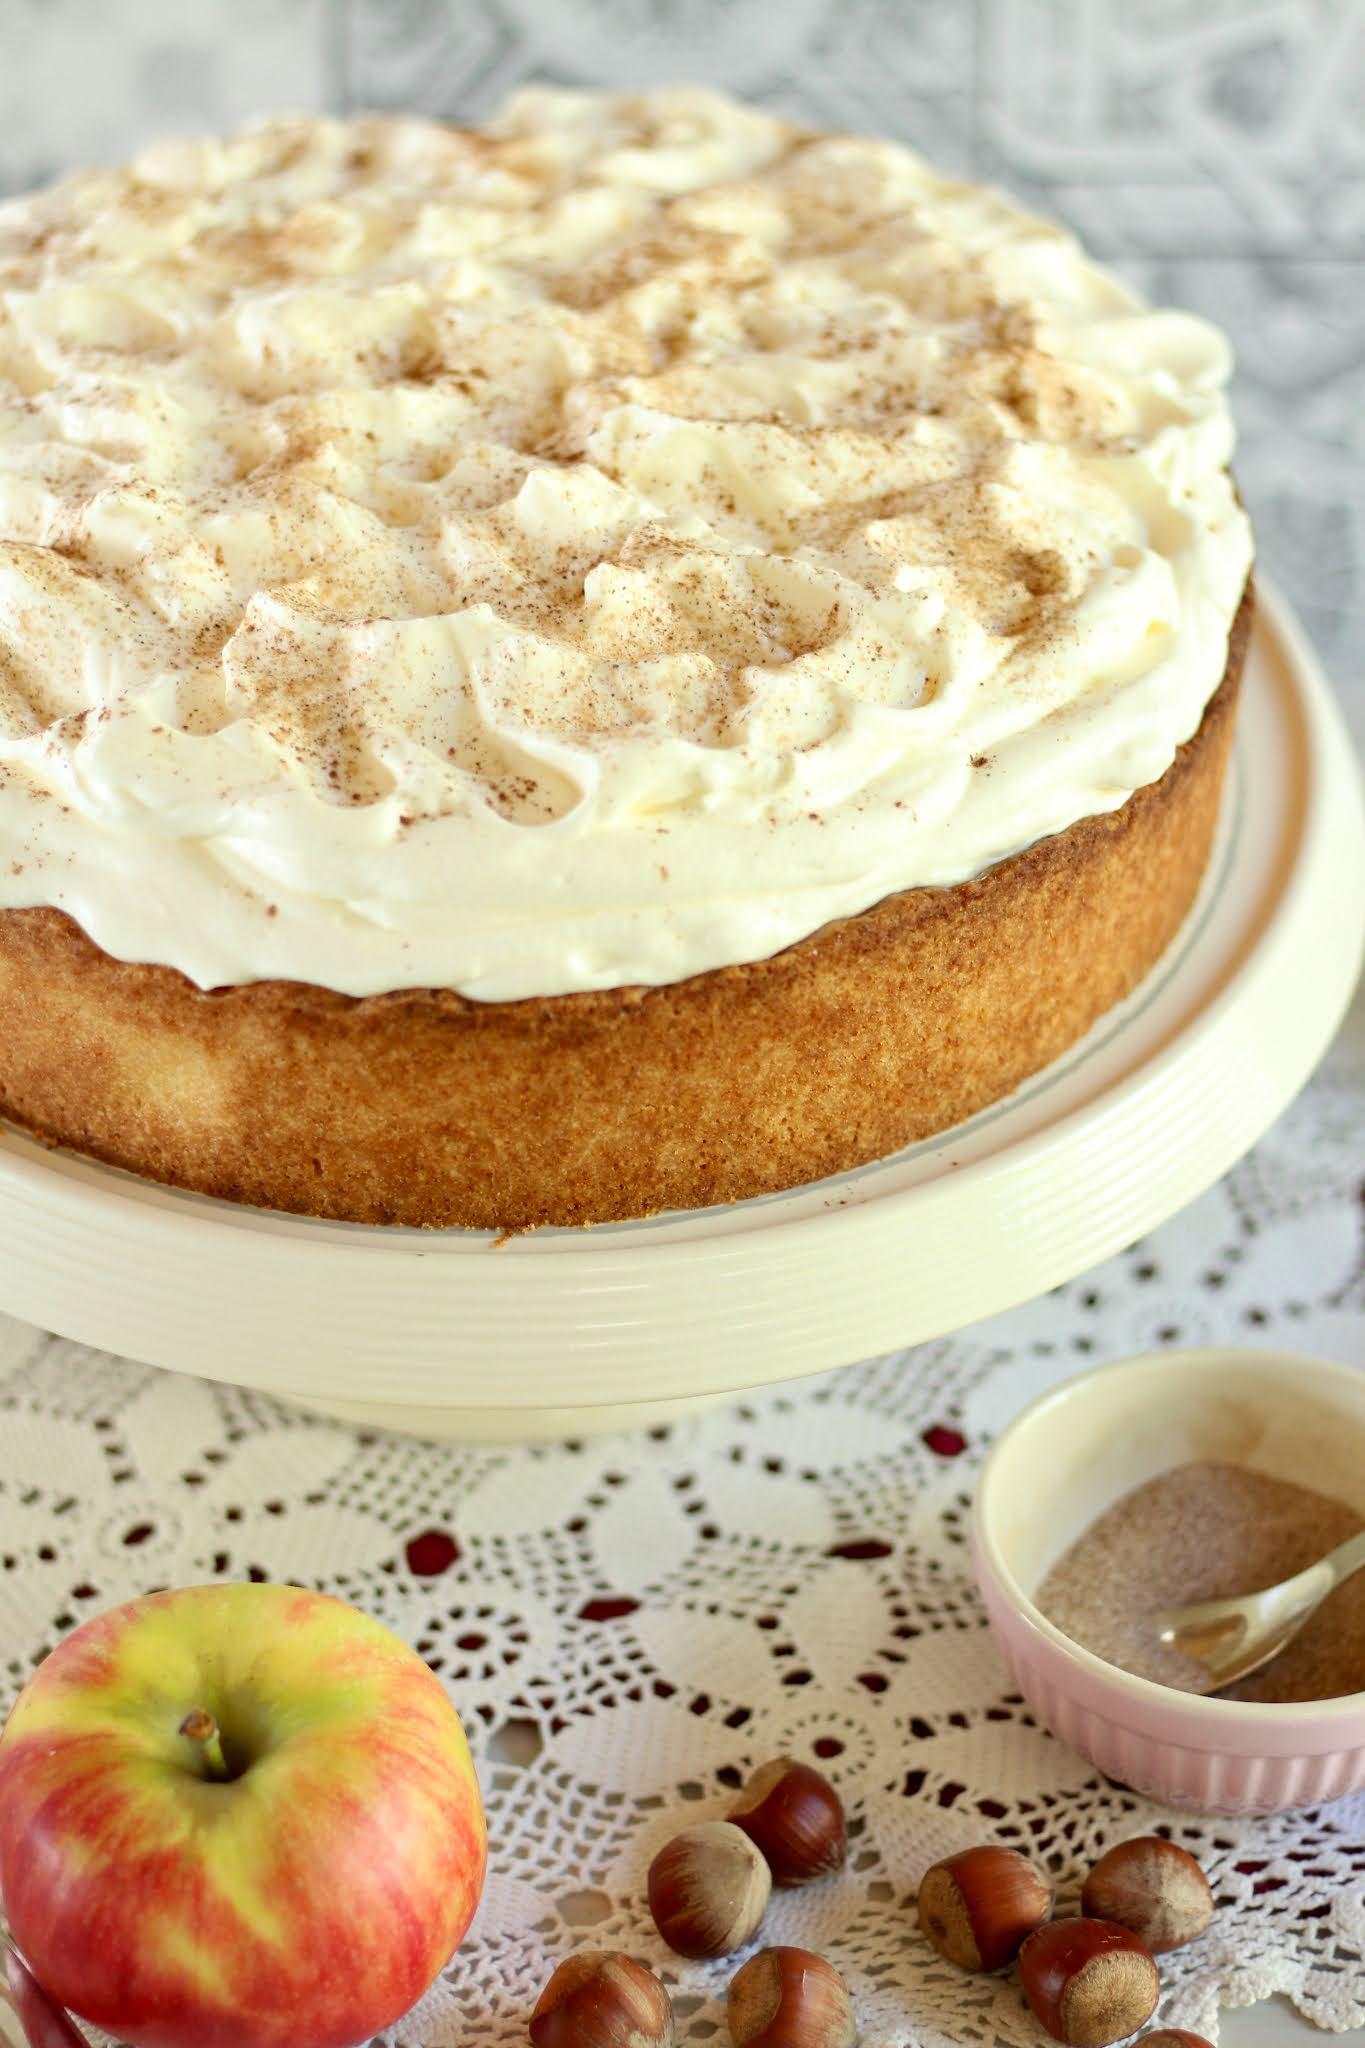 Himmlische Apfel-Schmand-Torte mit feinstem Mürbeteig, Apfel-Pudding-Fülle und Schmand-Zimt-Sahne! Rezept und Video von Sugarprincess